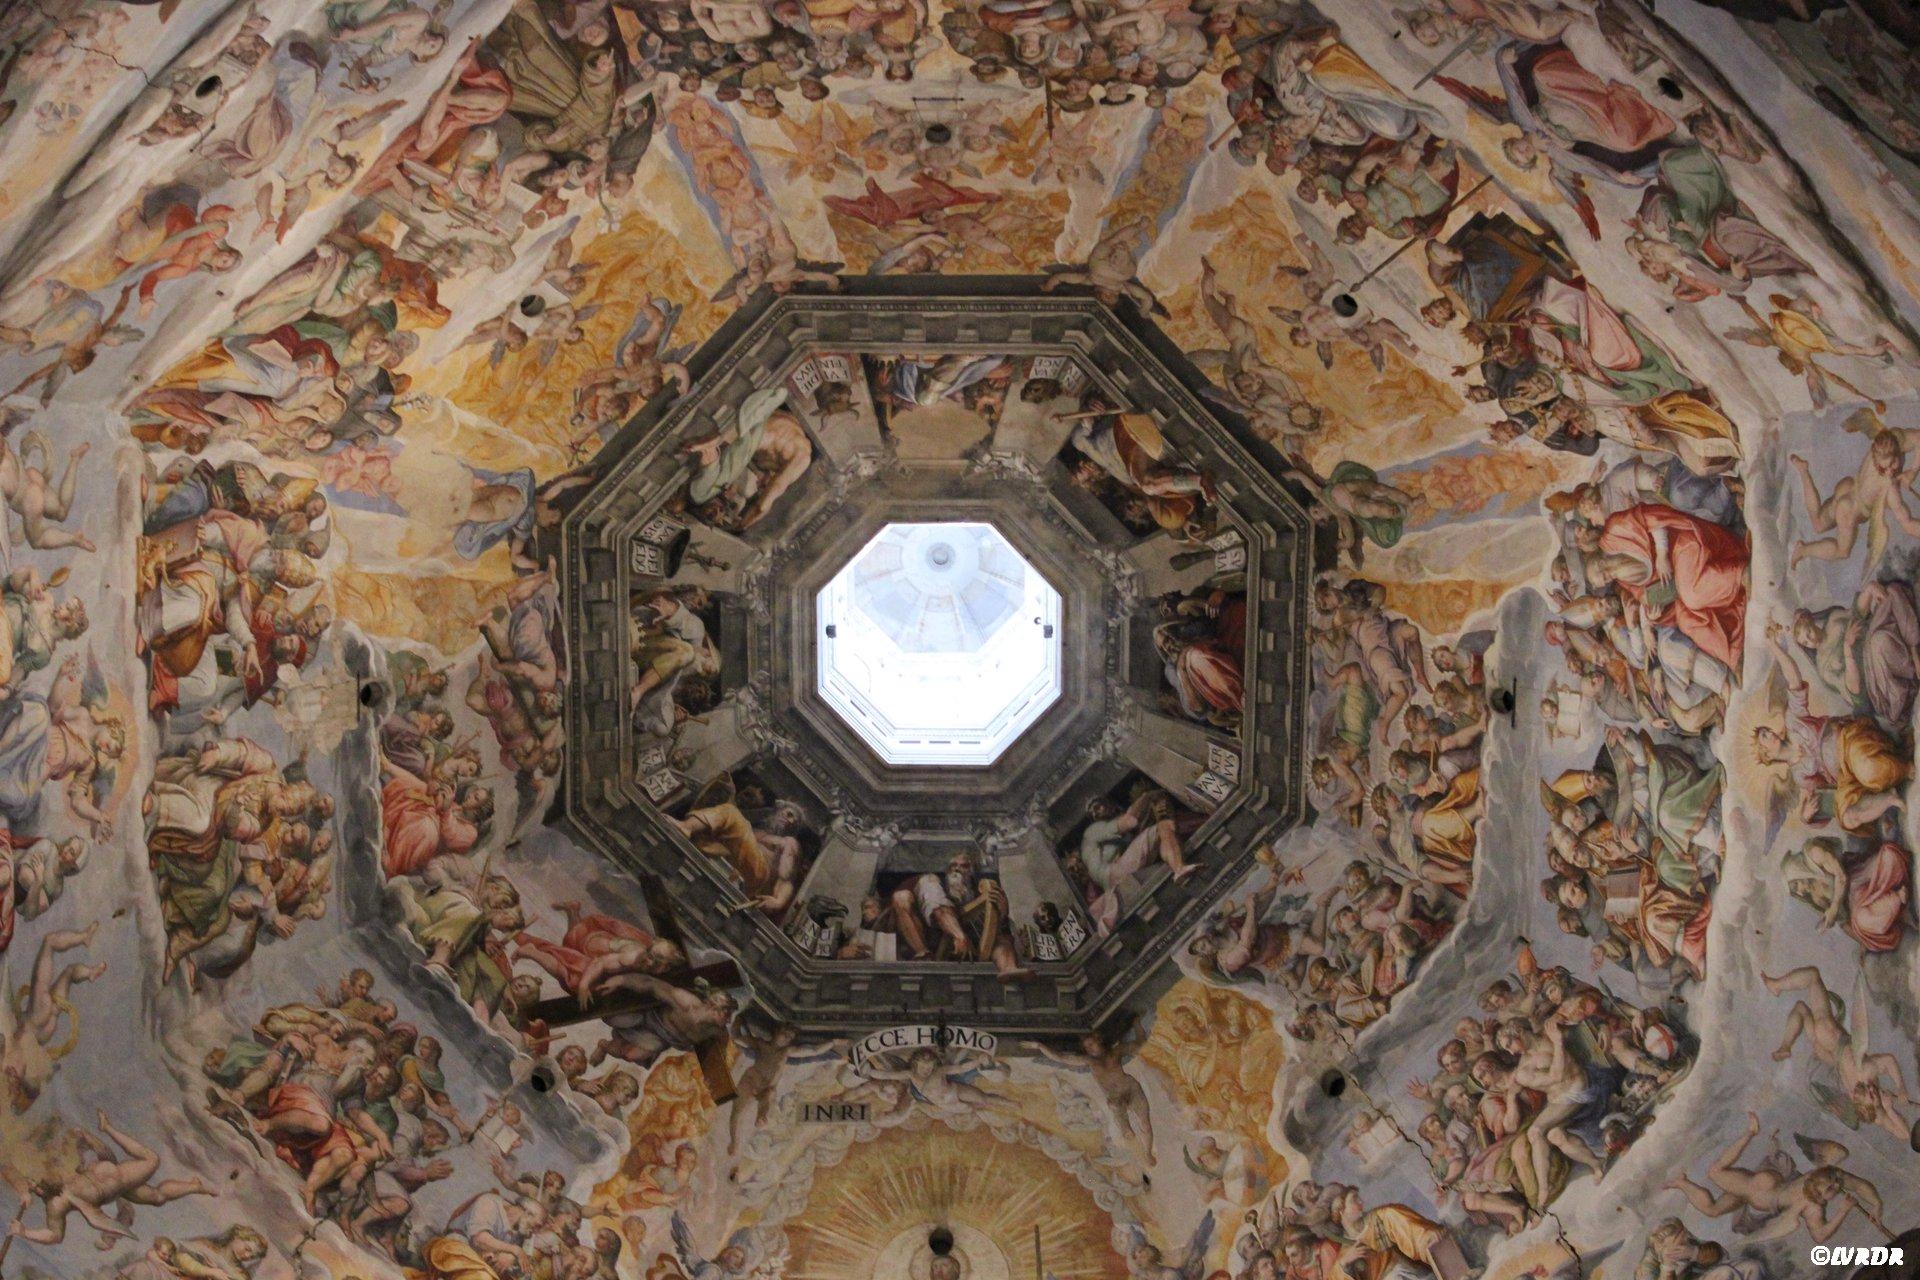 Le plafond de la Cathédrale Sante Maria